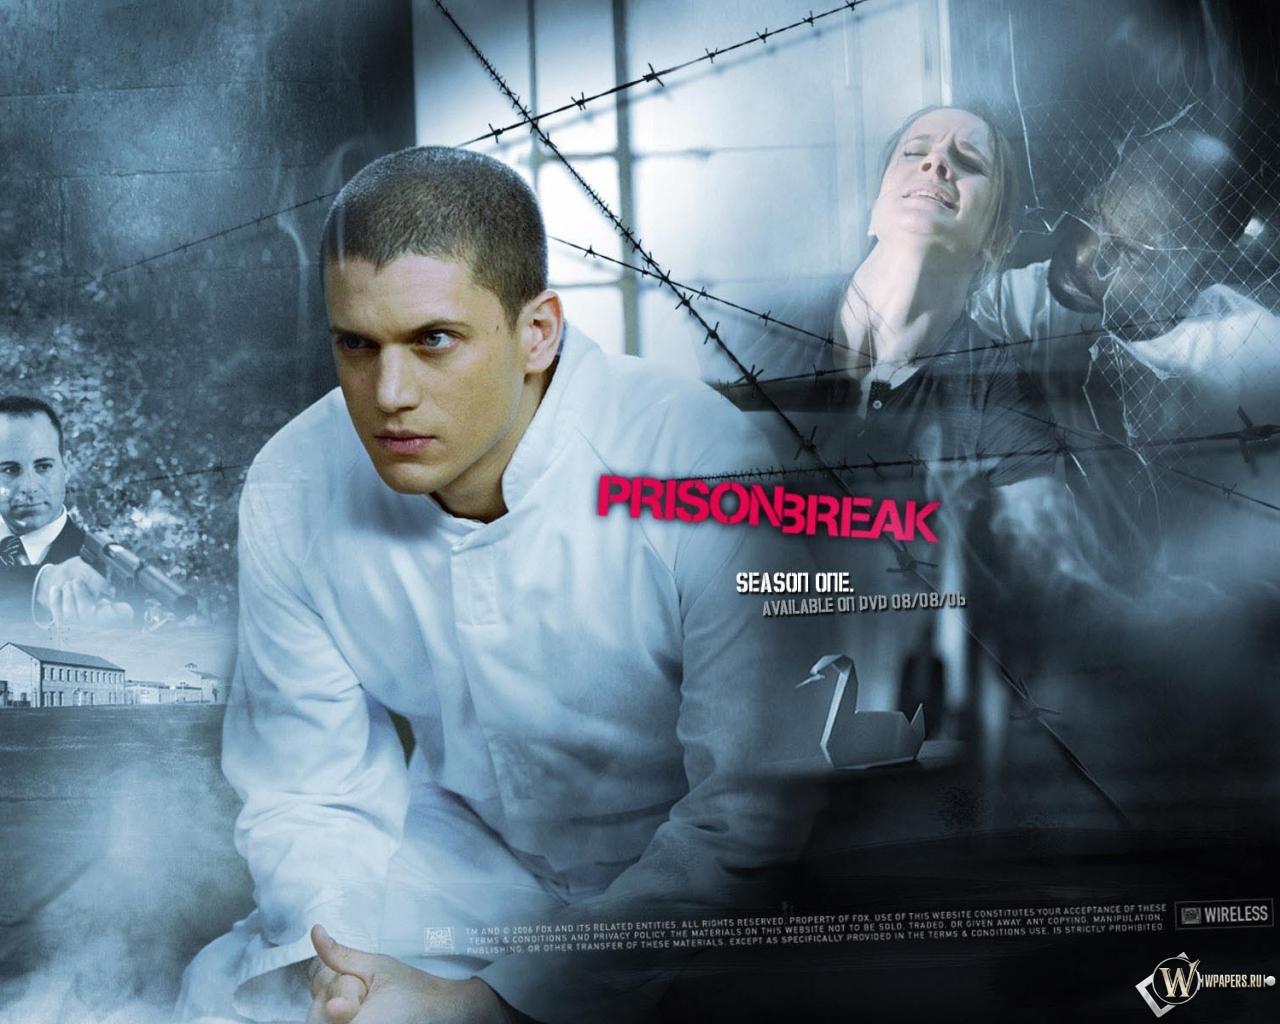 Prison Break 1280x1024